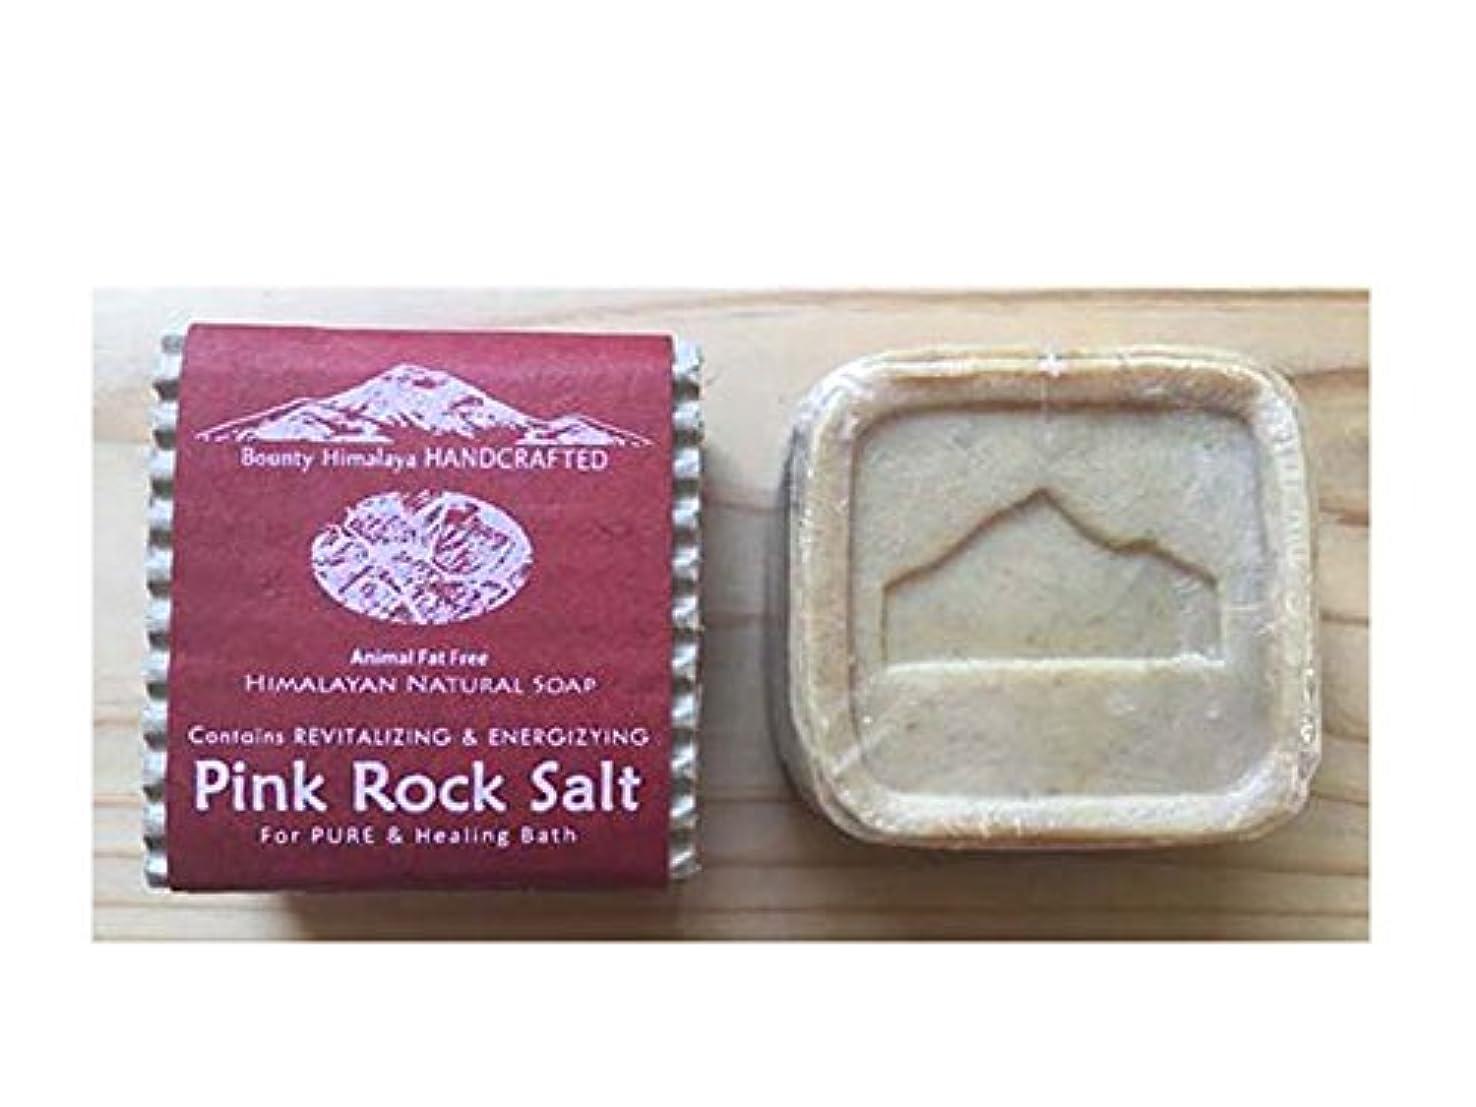 スティック見つけた喜んでアーユルヴェーダ ヒマラヤ?ロッキーソープ(ピンクロックソルトソープ) Bounty Himalaya Pink Rock Salt SOAP(NEPAL AYURVEDA) 100g